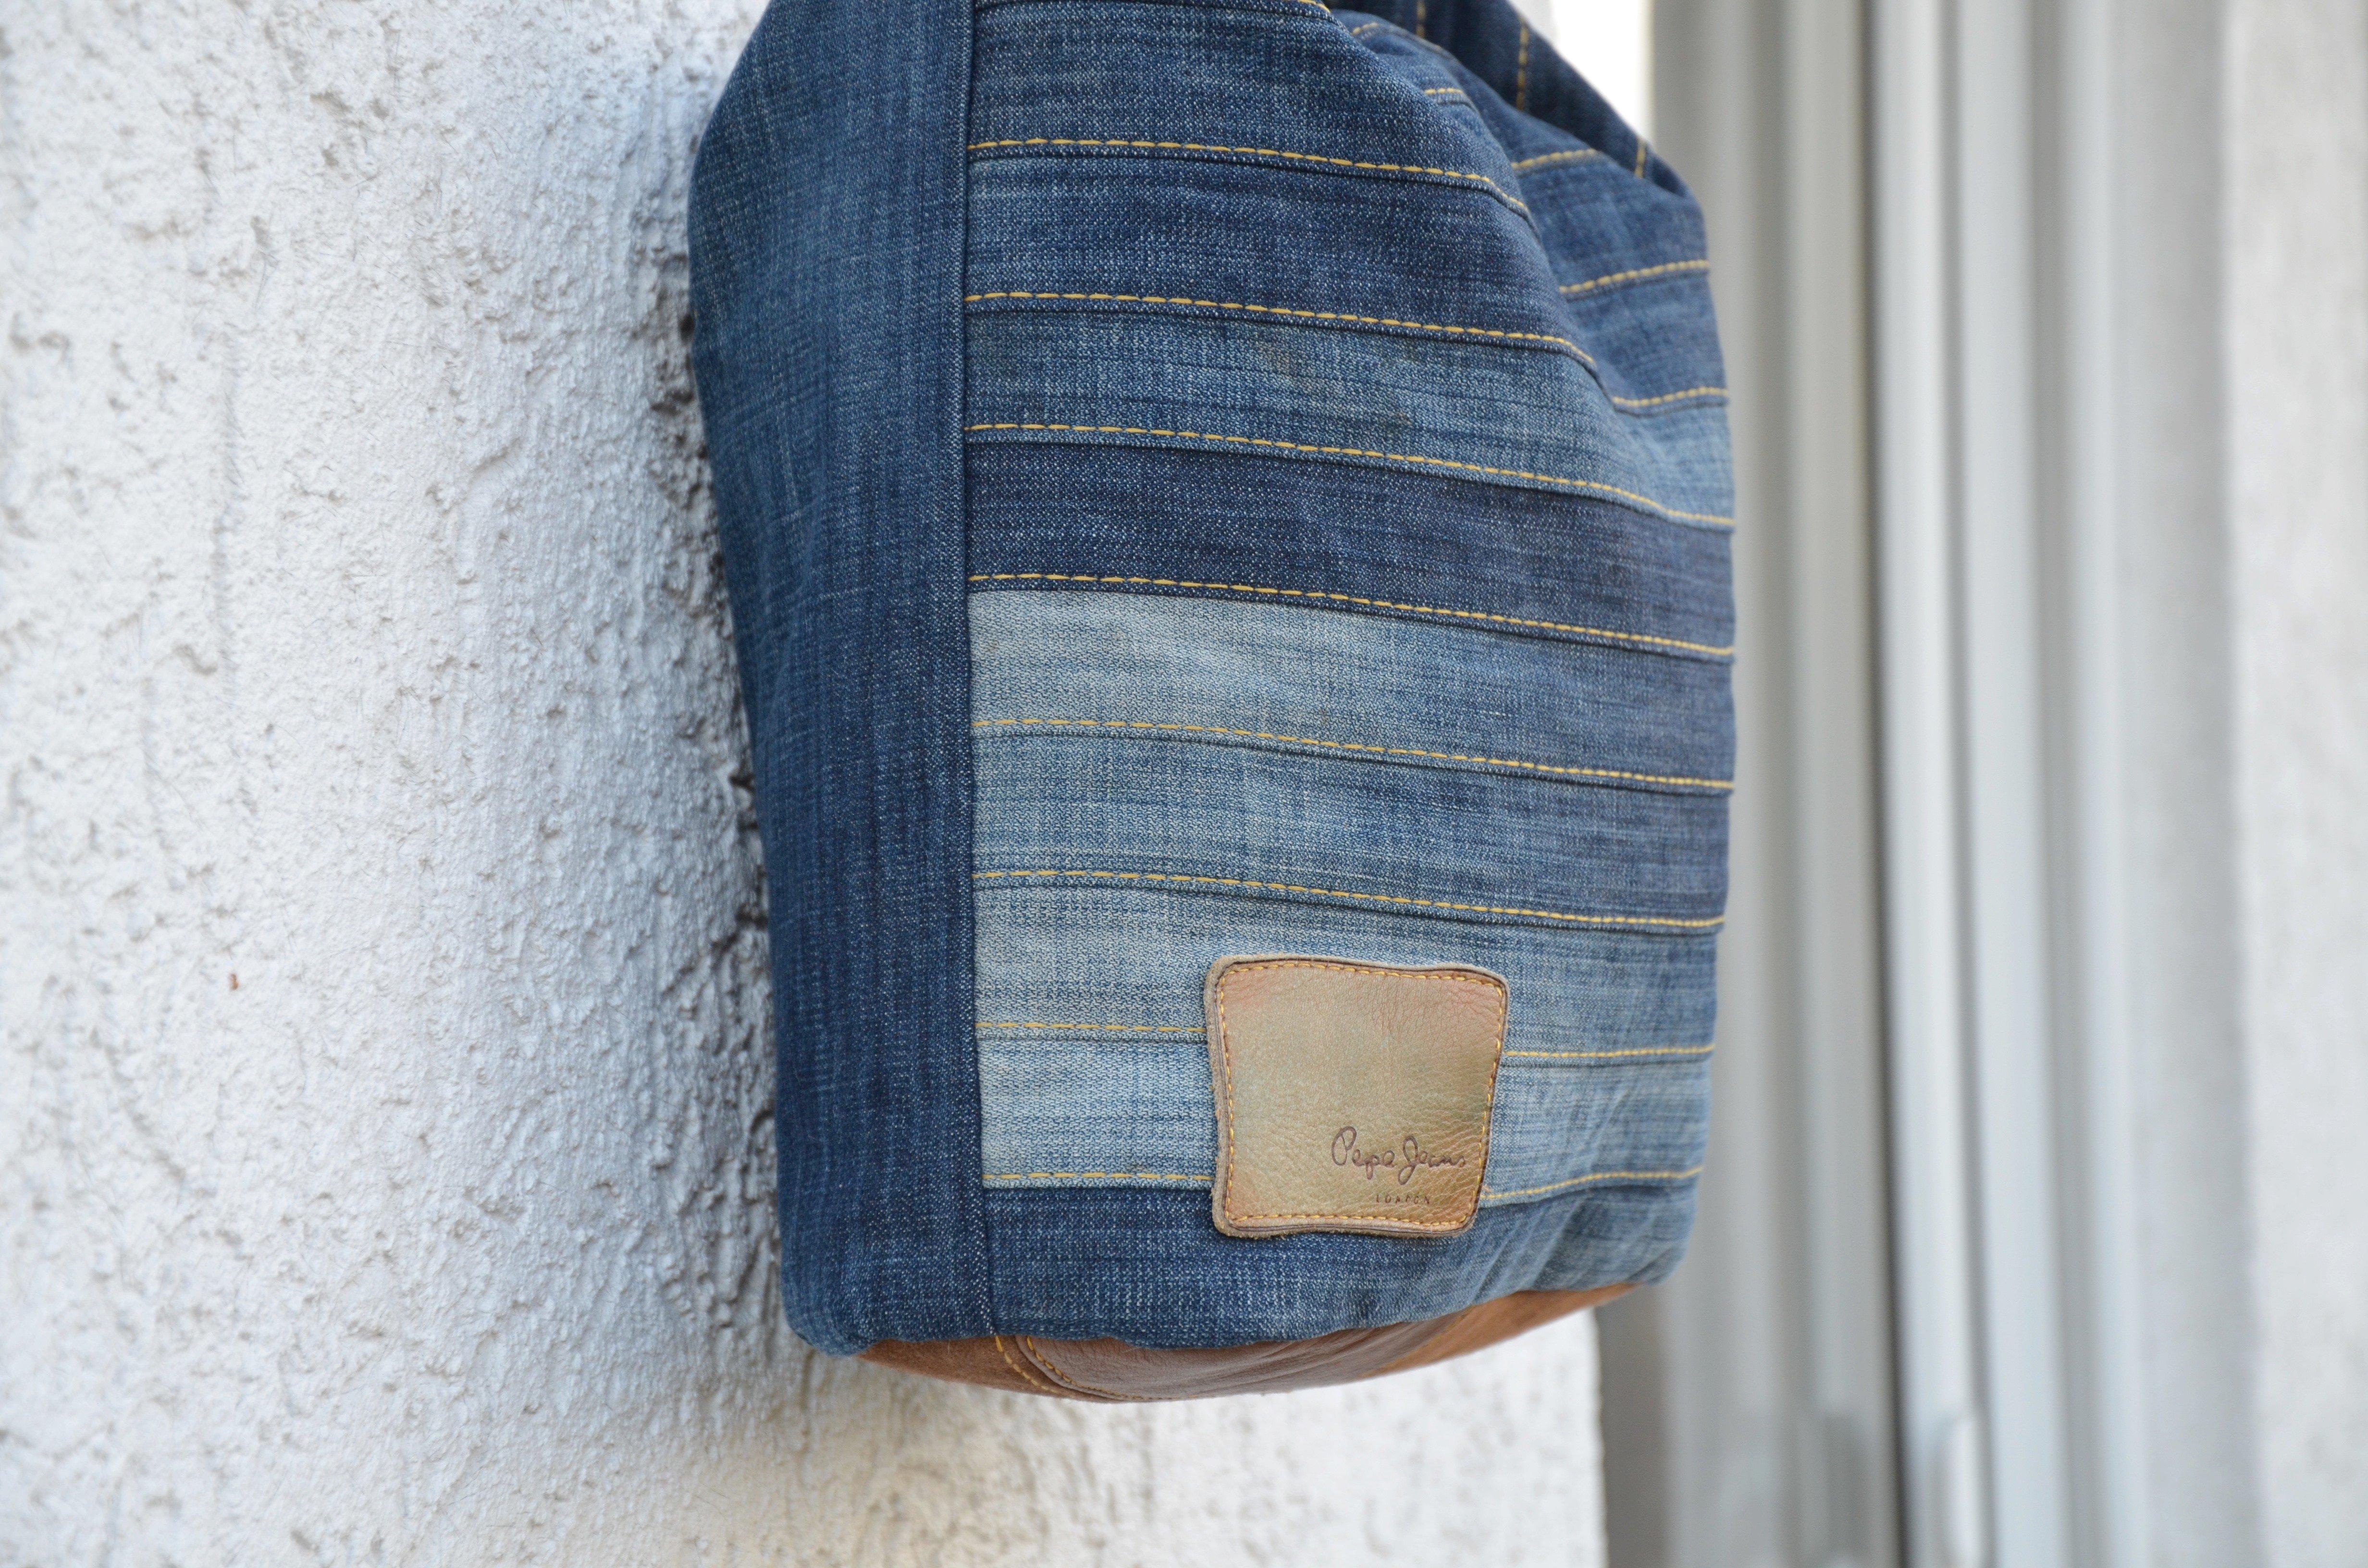 Tasche Aus Jeans Nahen Diy Anleitung Und Video Elle Puls